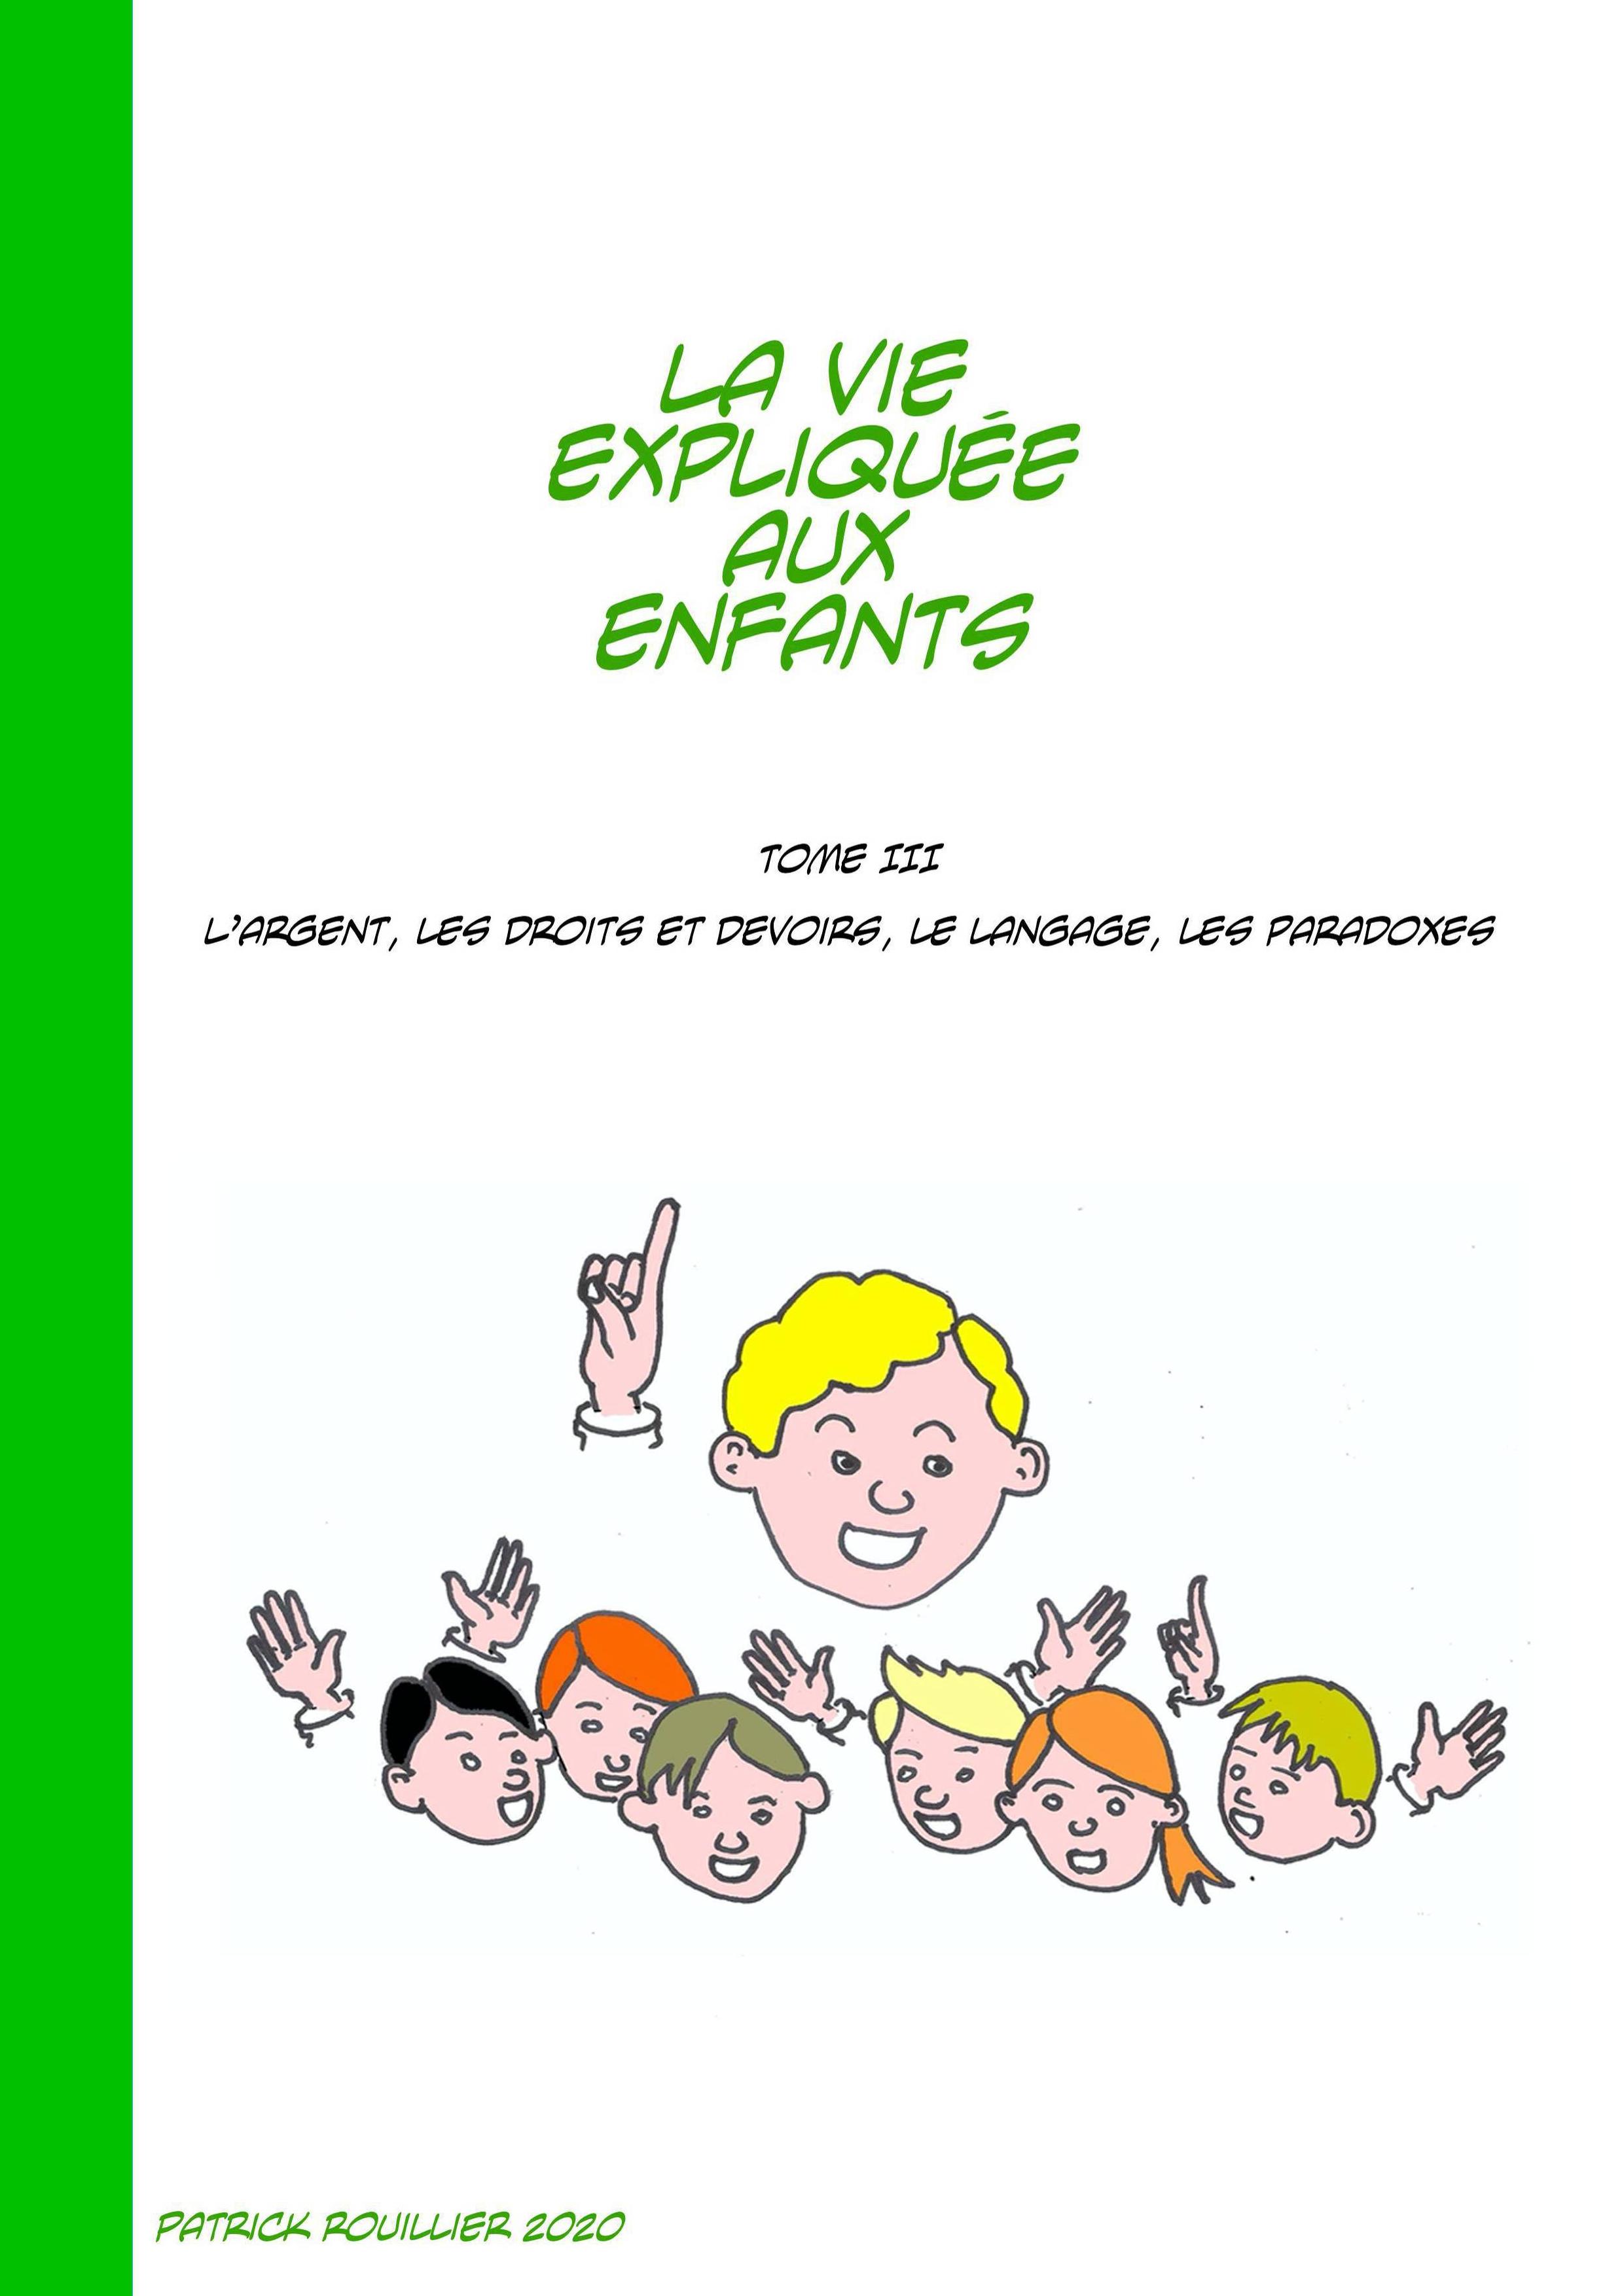 La vie expliquée aux enfants Tome III